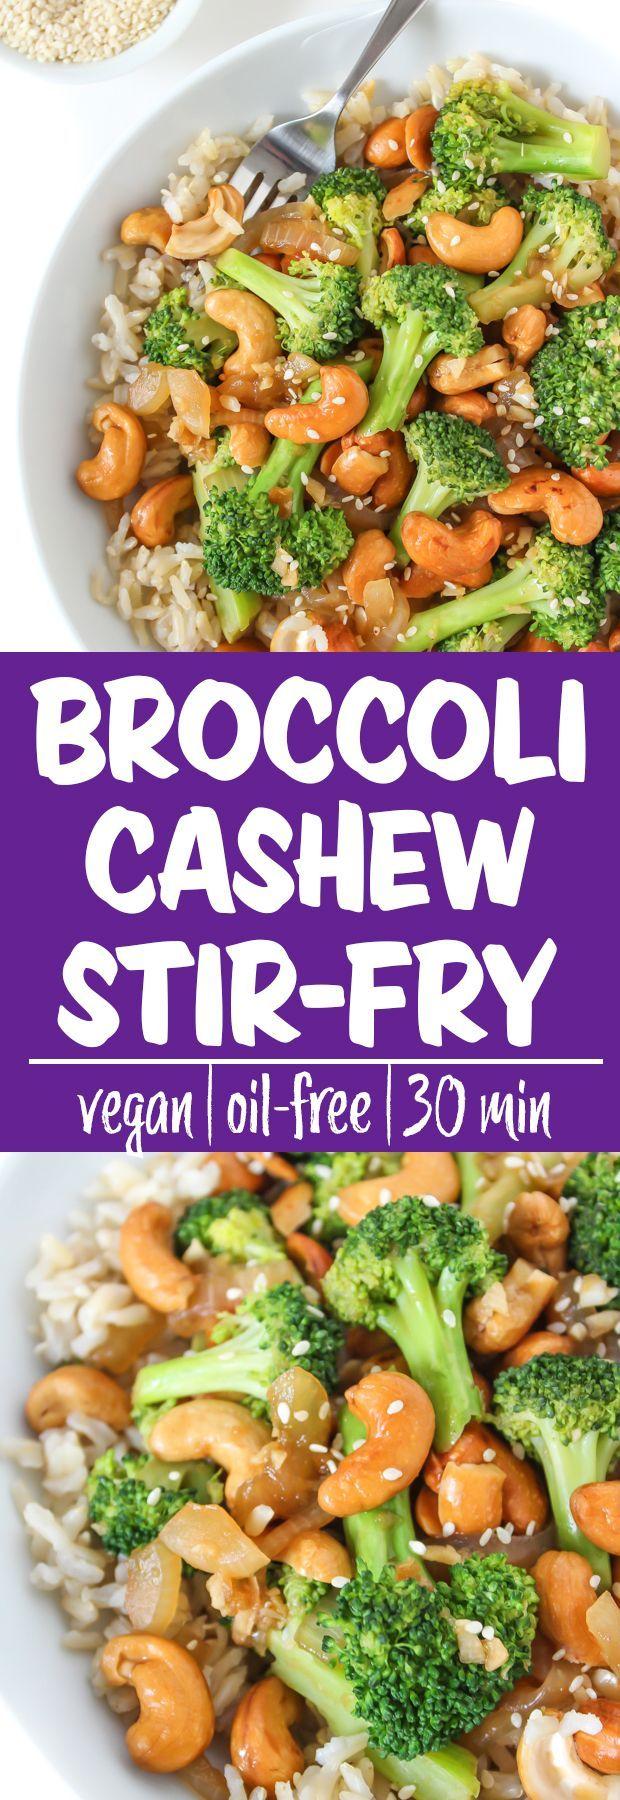 Photo of Broccoli Cashew Stir-Fry (Oil-Free!) | The Garden Grazer